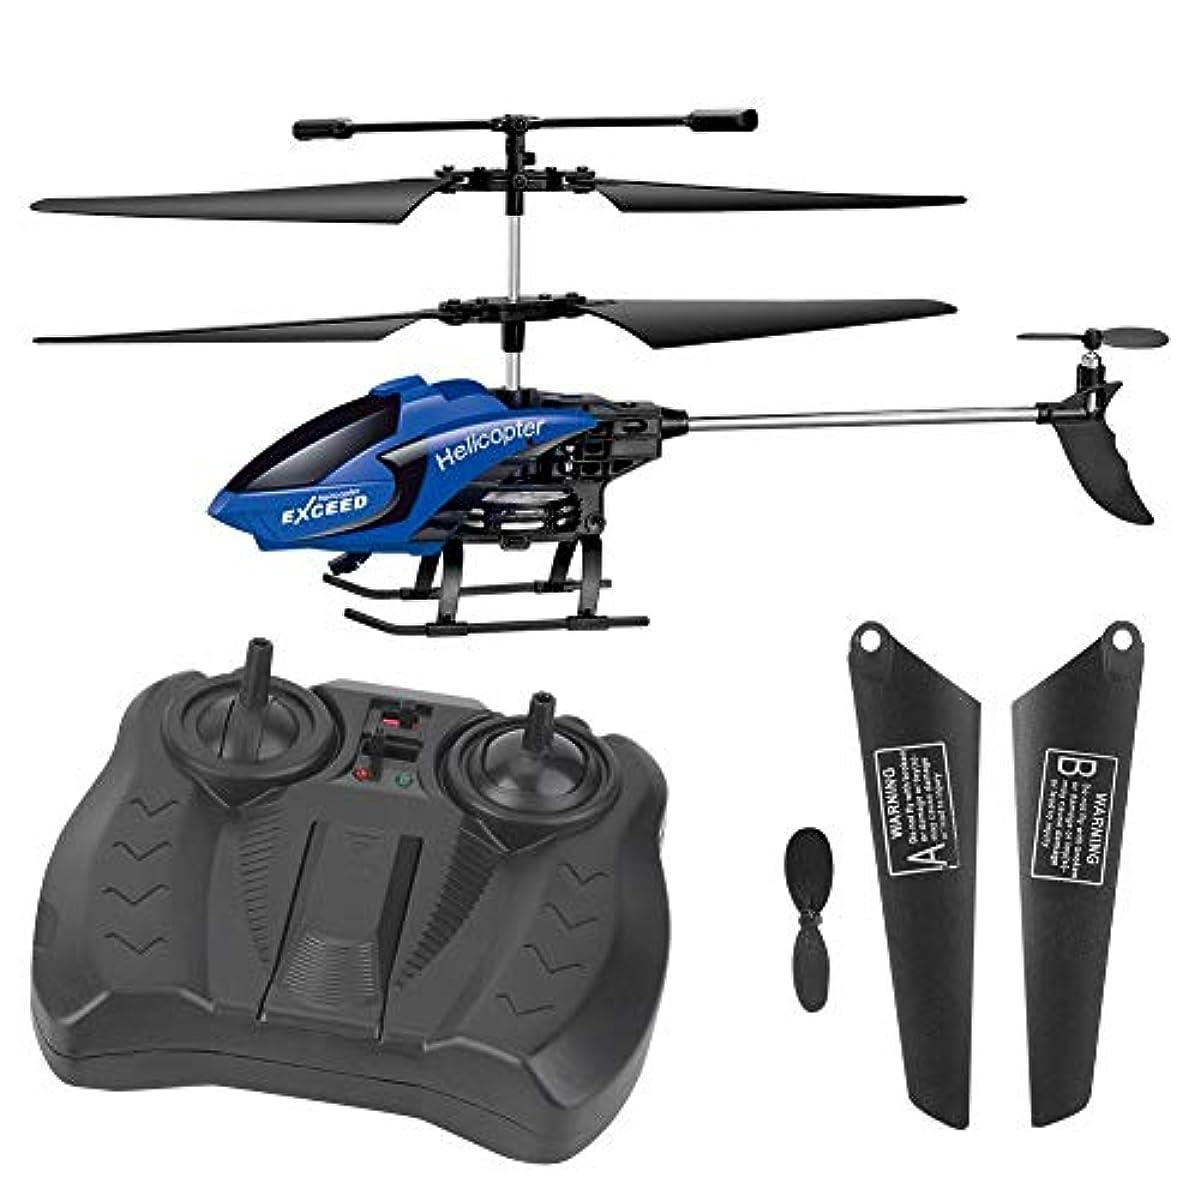 [해외] 리모콘 헬리콥터 wireless 플라잉 항공기 헬리콥터 장난감 기프트(블랙 블루)